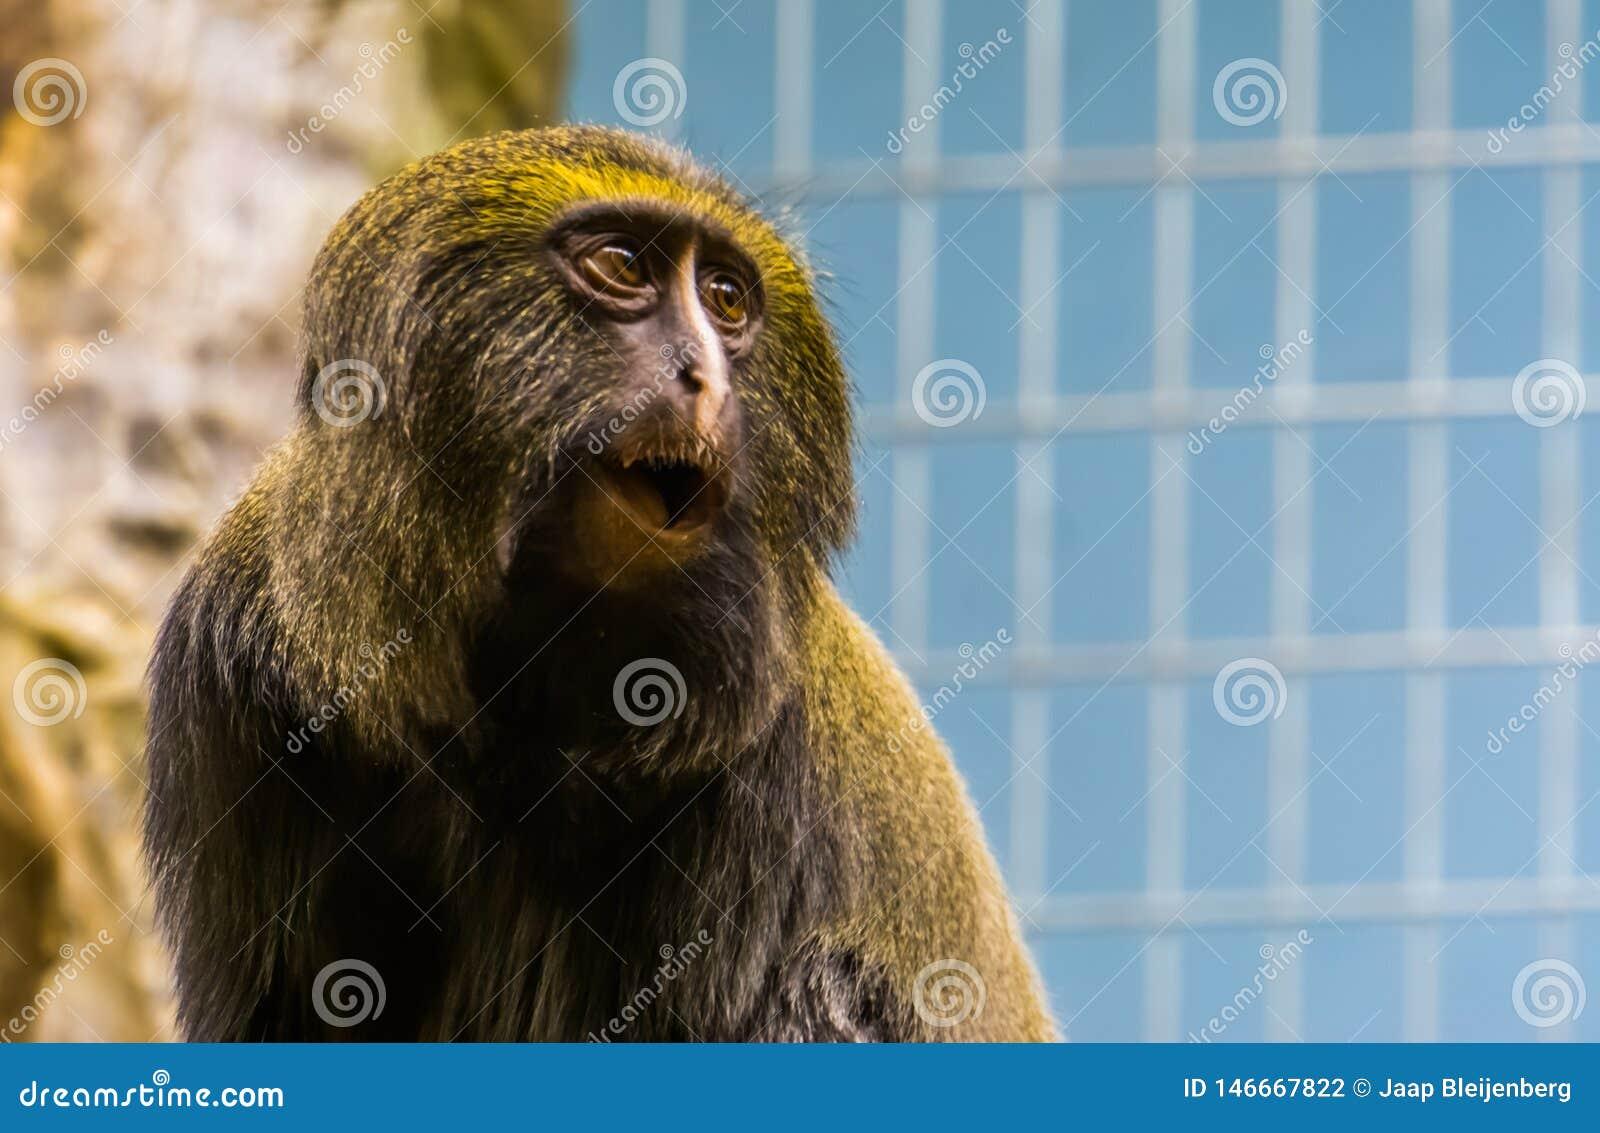 Śmieszna sowa stawiał czoło małpy robi zadziwiającej twarzy głowa hamlyns małpa w zbliżeniu, podatny zwierzęcy specie